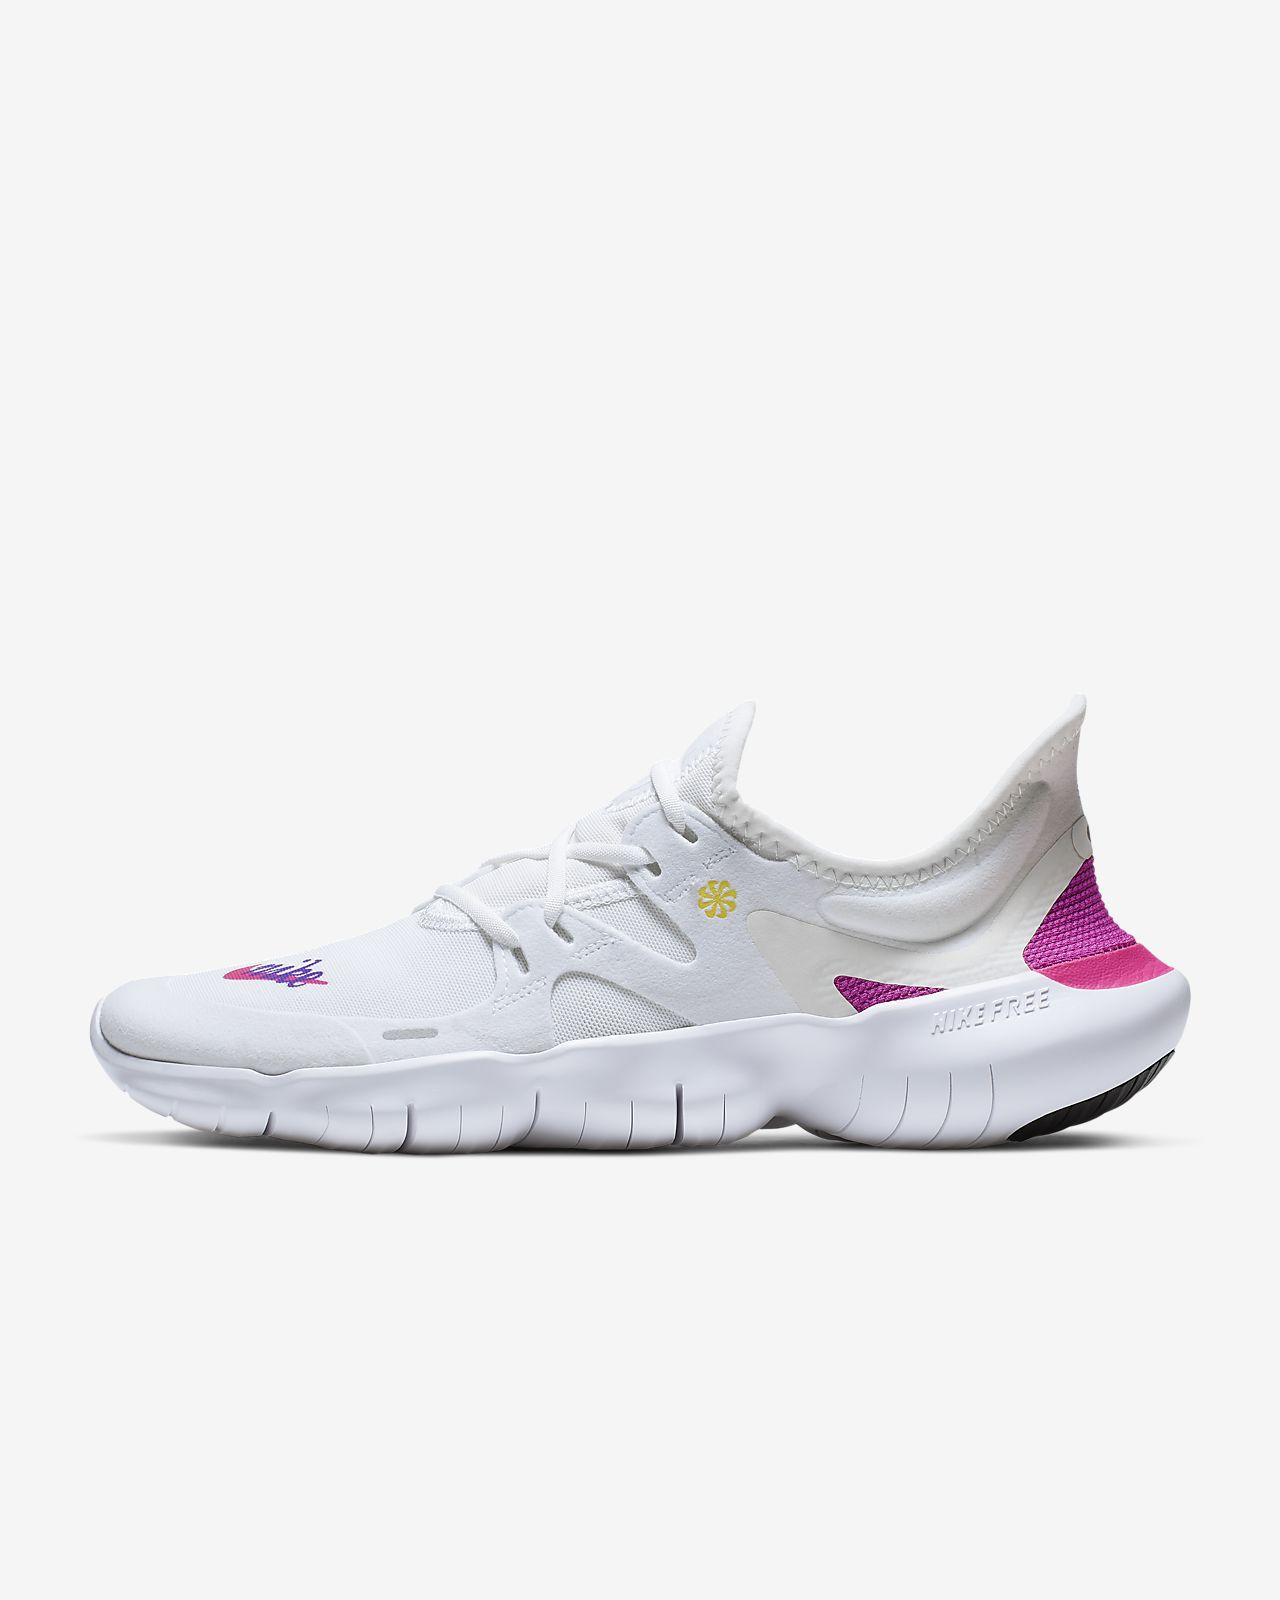 Sapatilhas de running Nike Free RN 5.0 para mulher